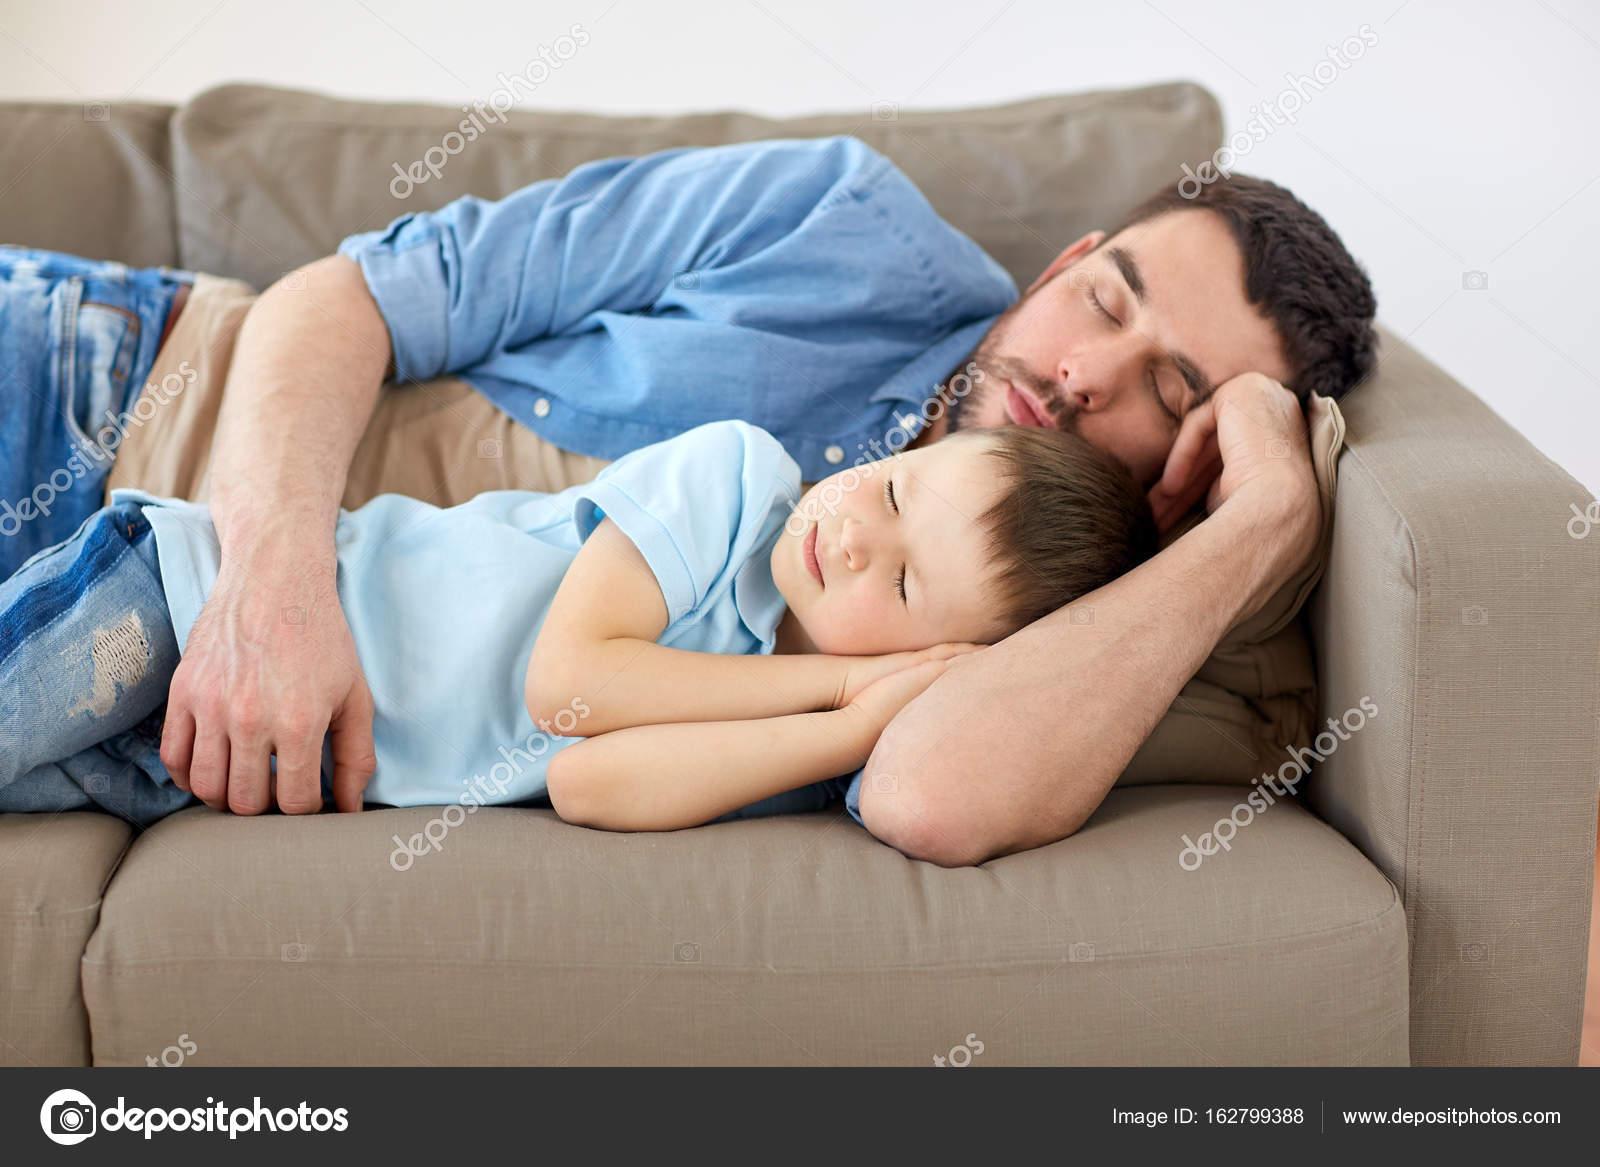 Секс сын трахает мать на диване, Порно русских мамочек, сын трахает маму 15 фотография